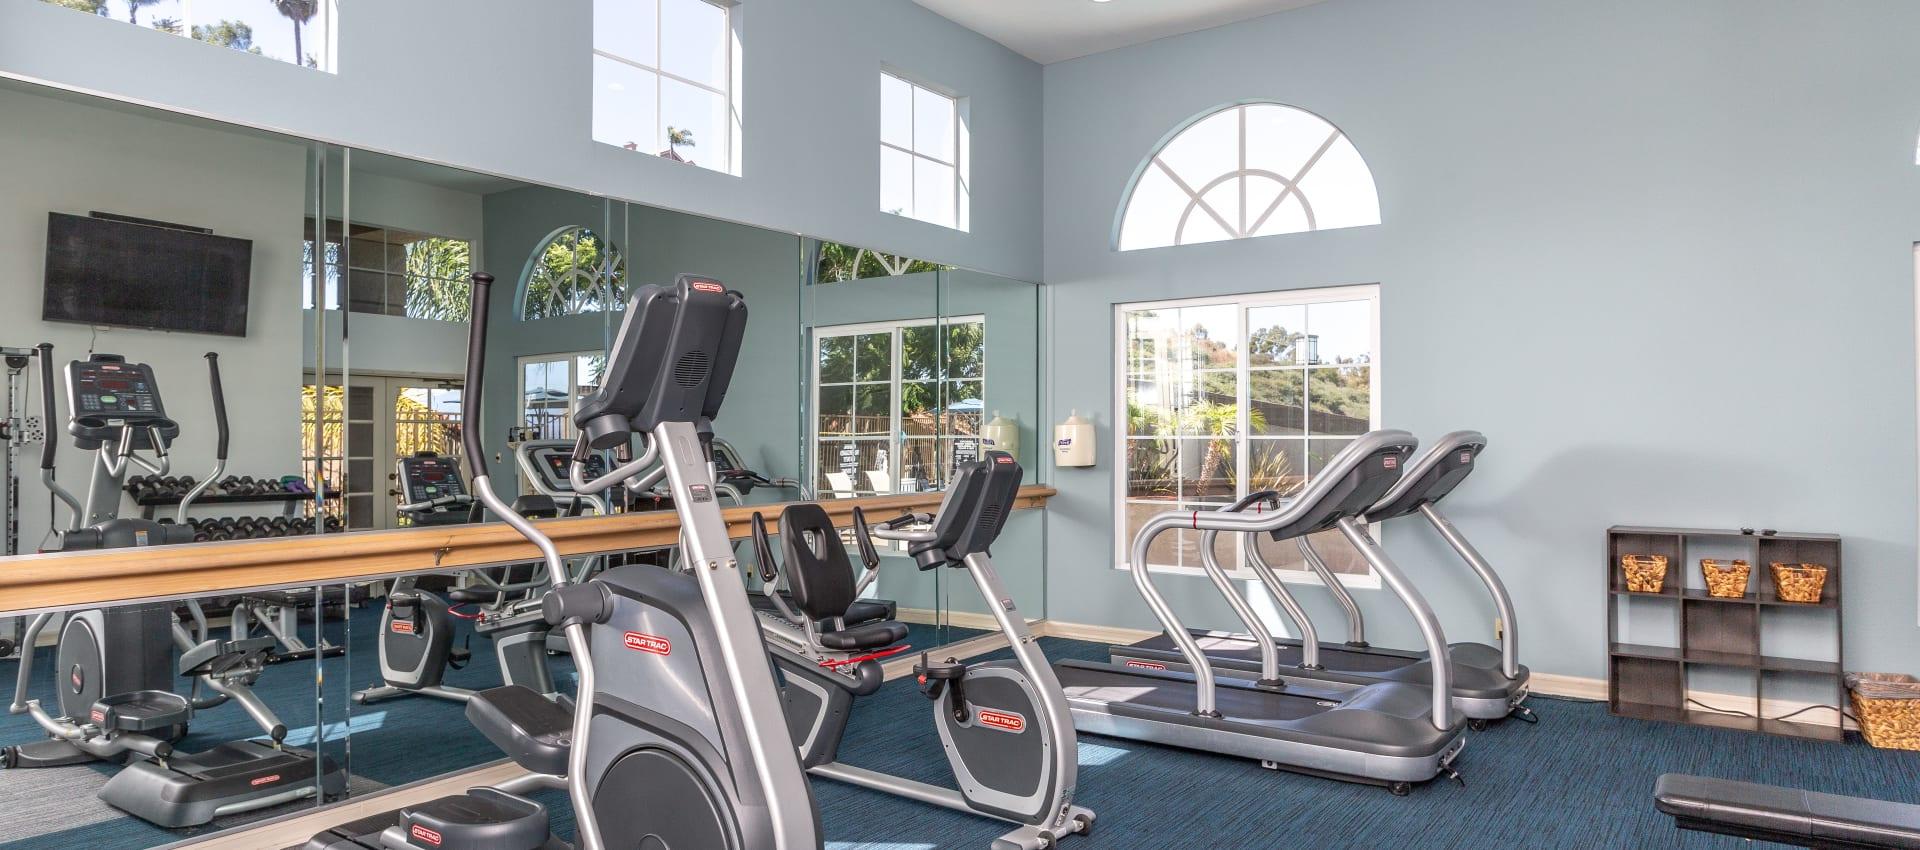 Fitness center at Niguel Summit Condominium Rentals in Laguna Niguel, California